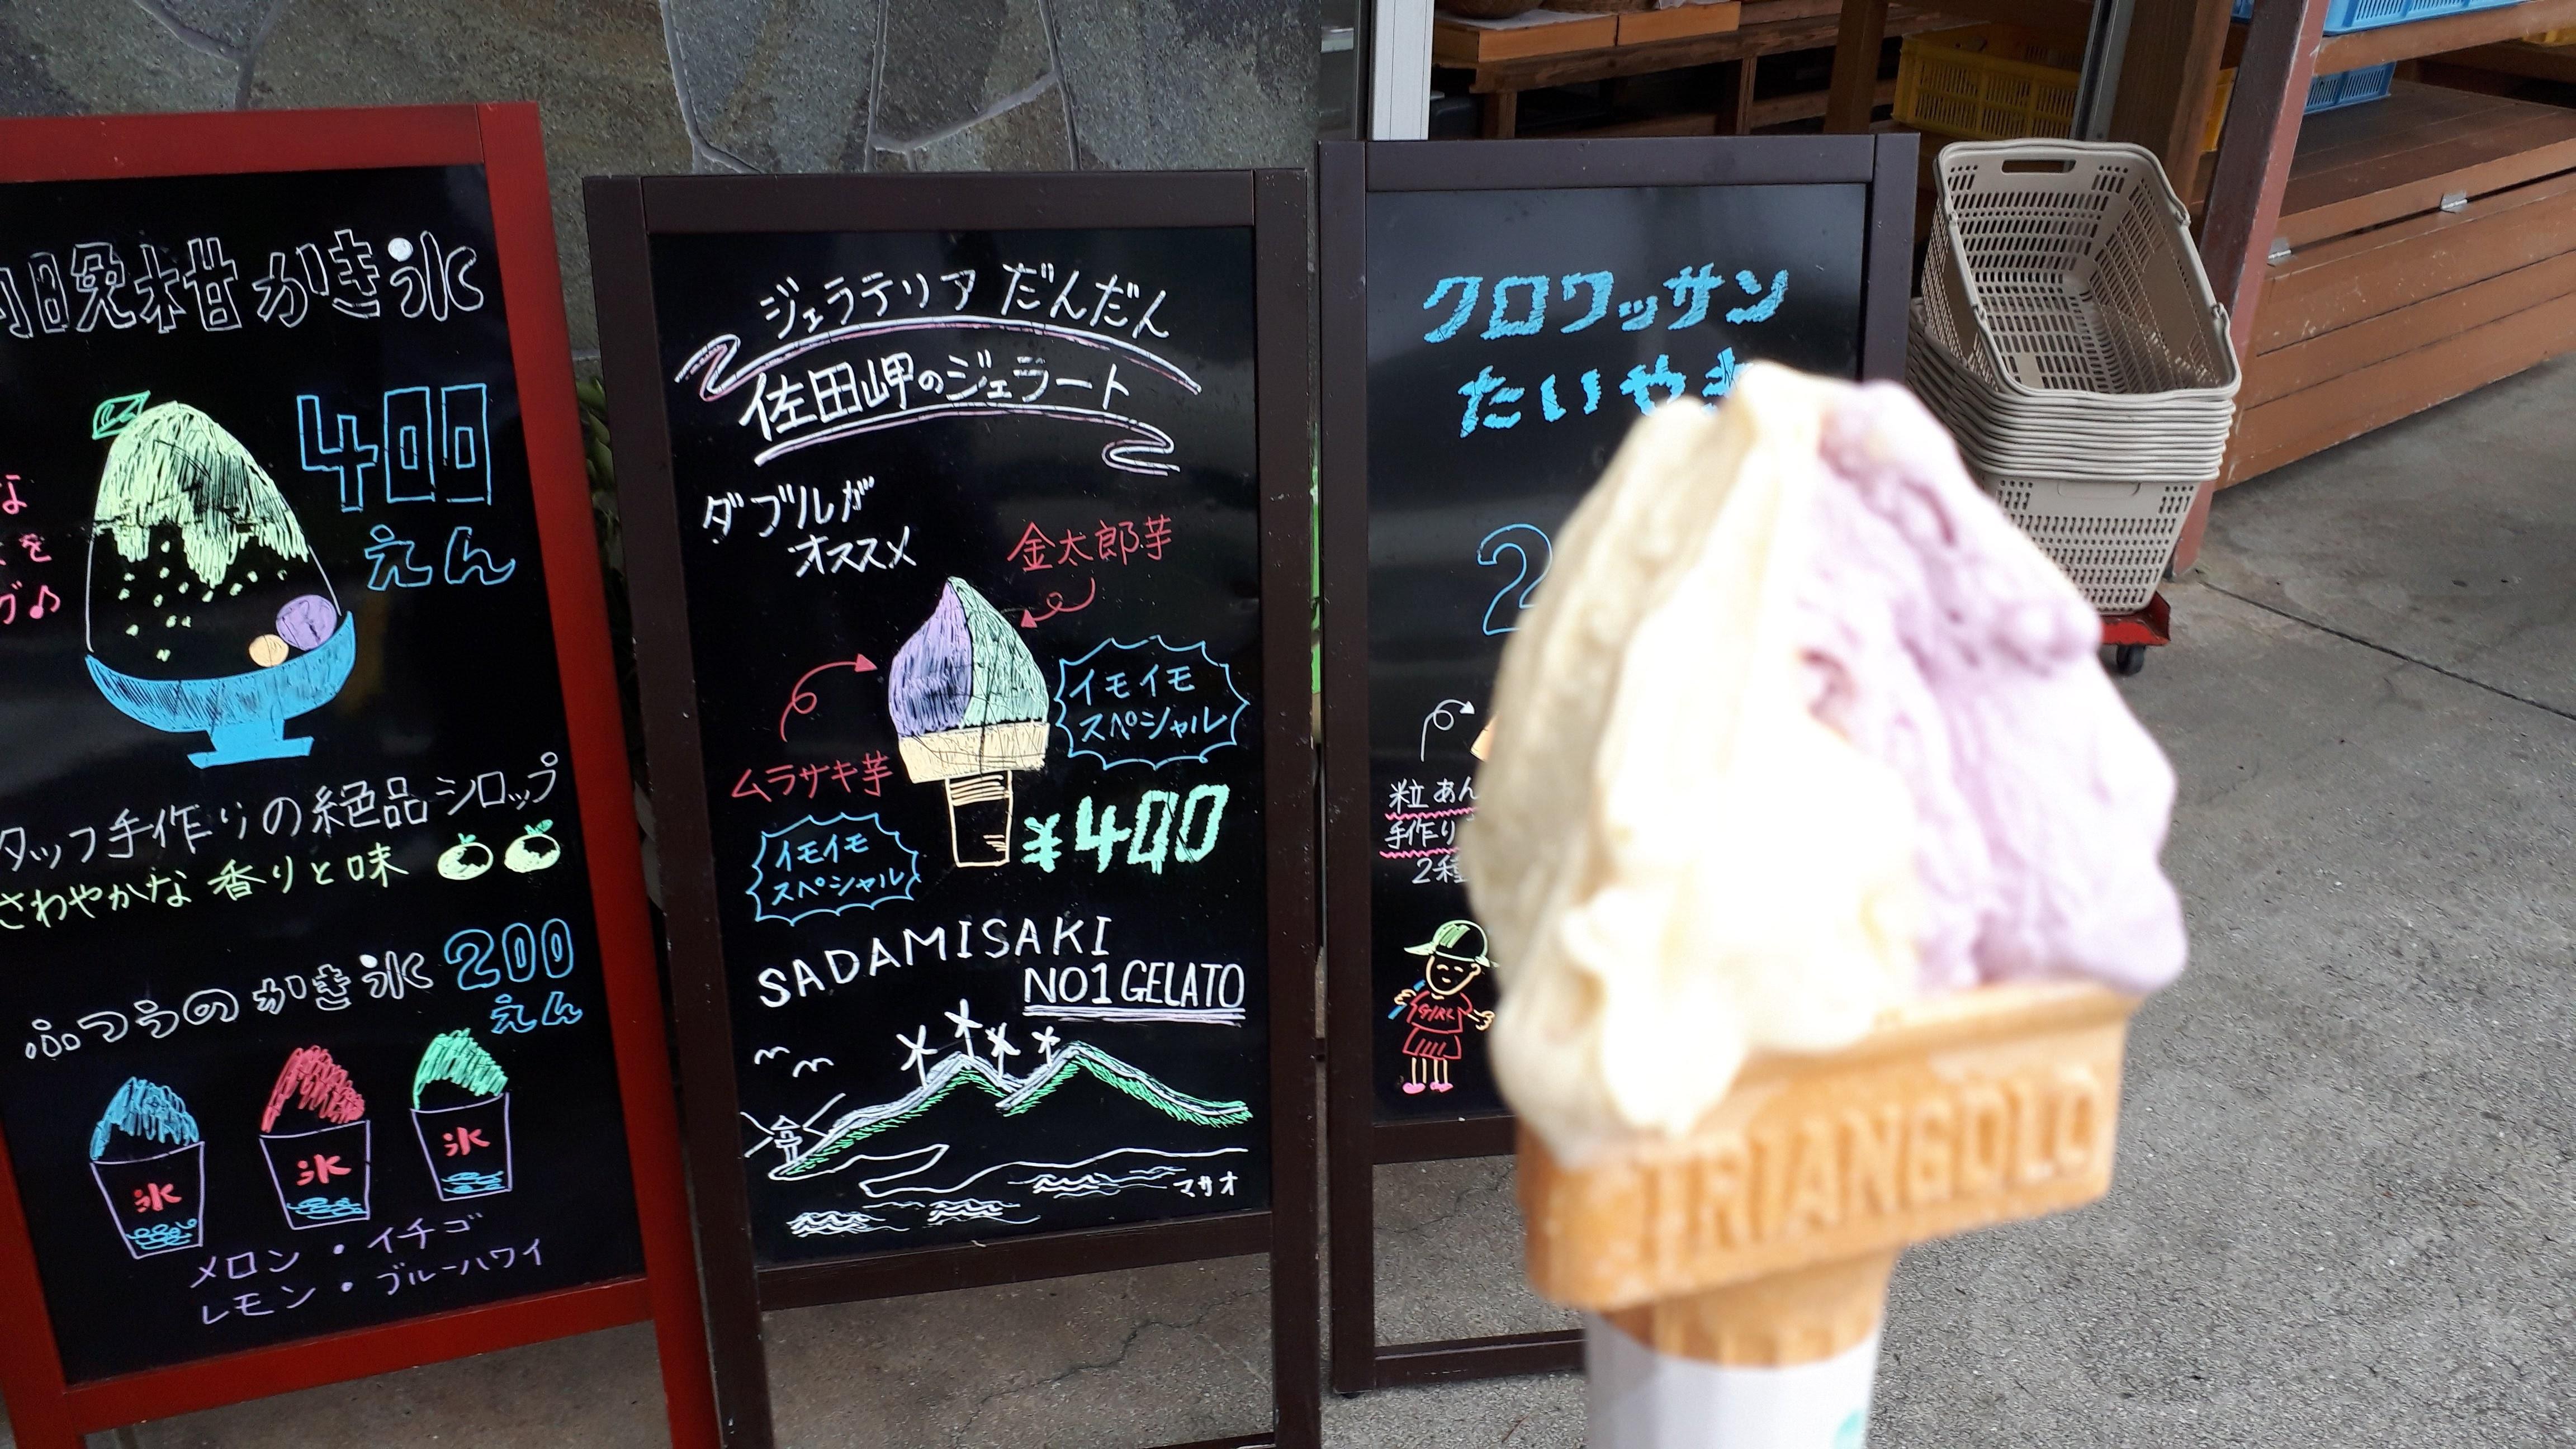 佐田岬で話題のジェラートを発見!伊方町・瀬戸農業公園でダブルで芋が楽しめる「イモイモスペシャル」を食べてみたよ!